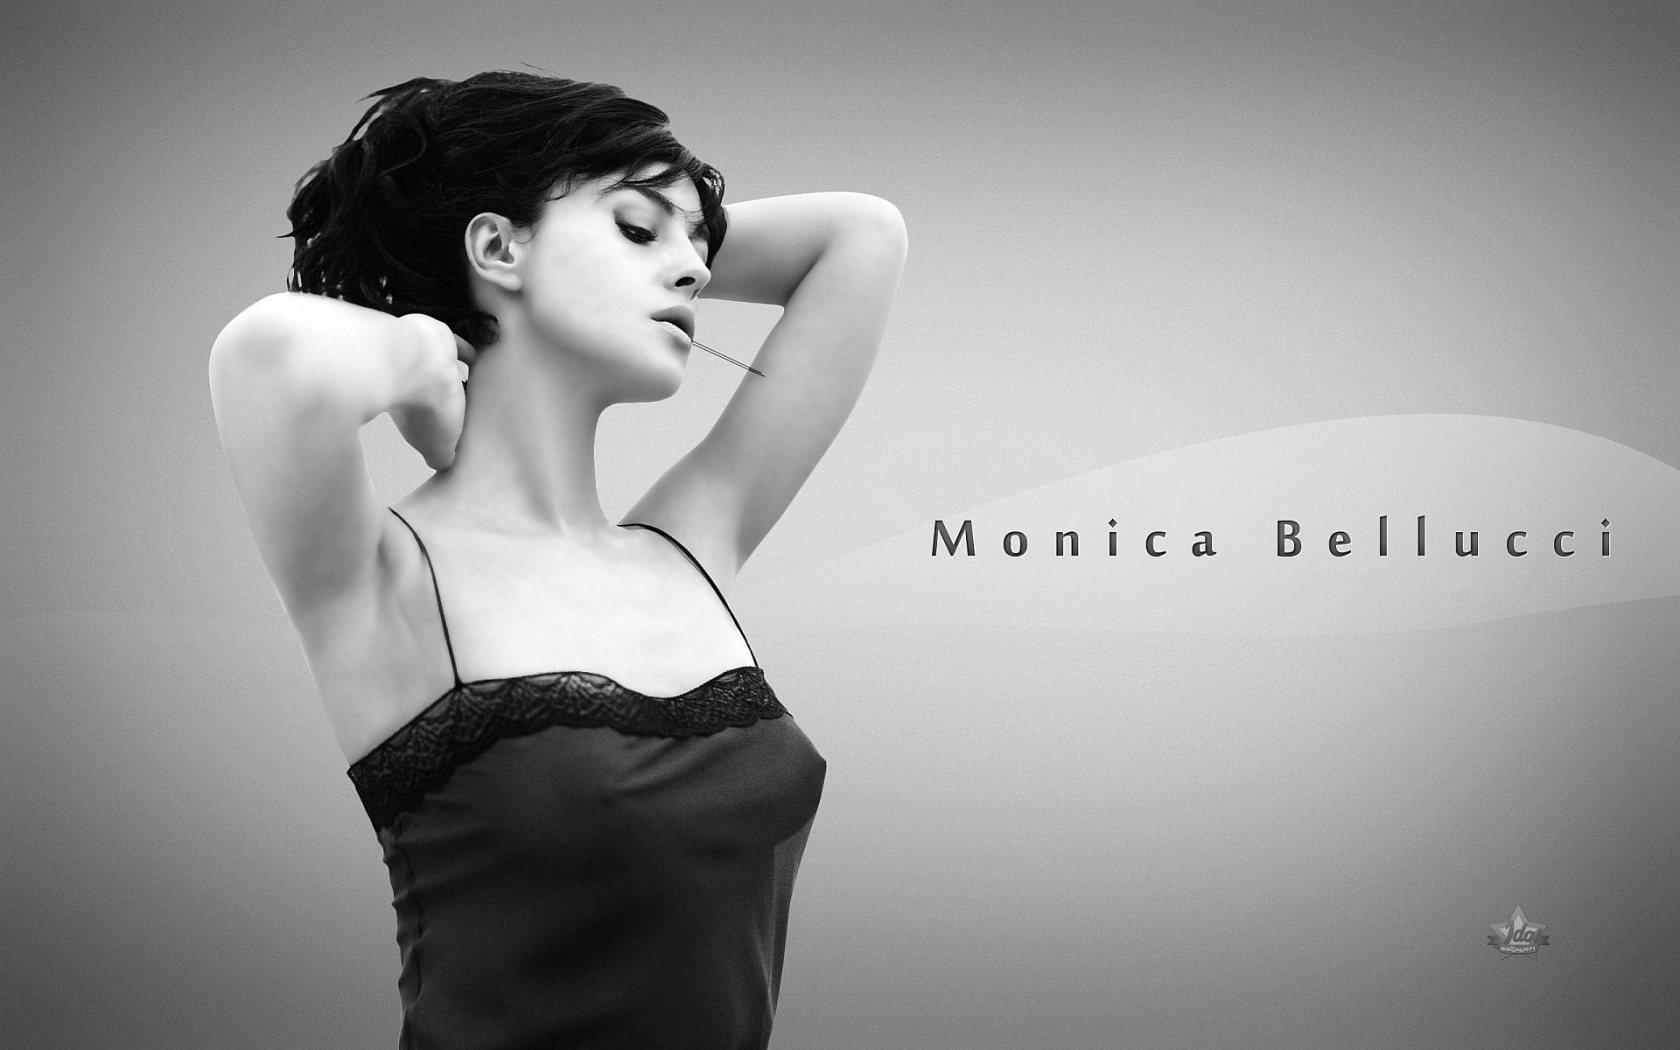 Monica-Bellucci-1680x1050.jpg